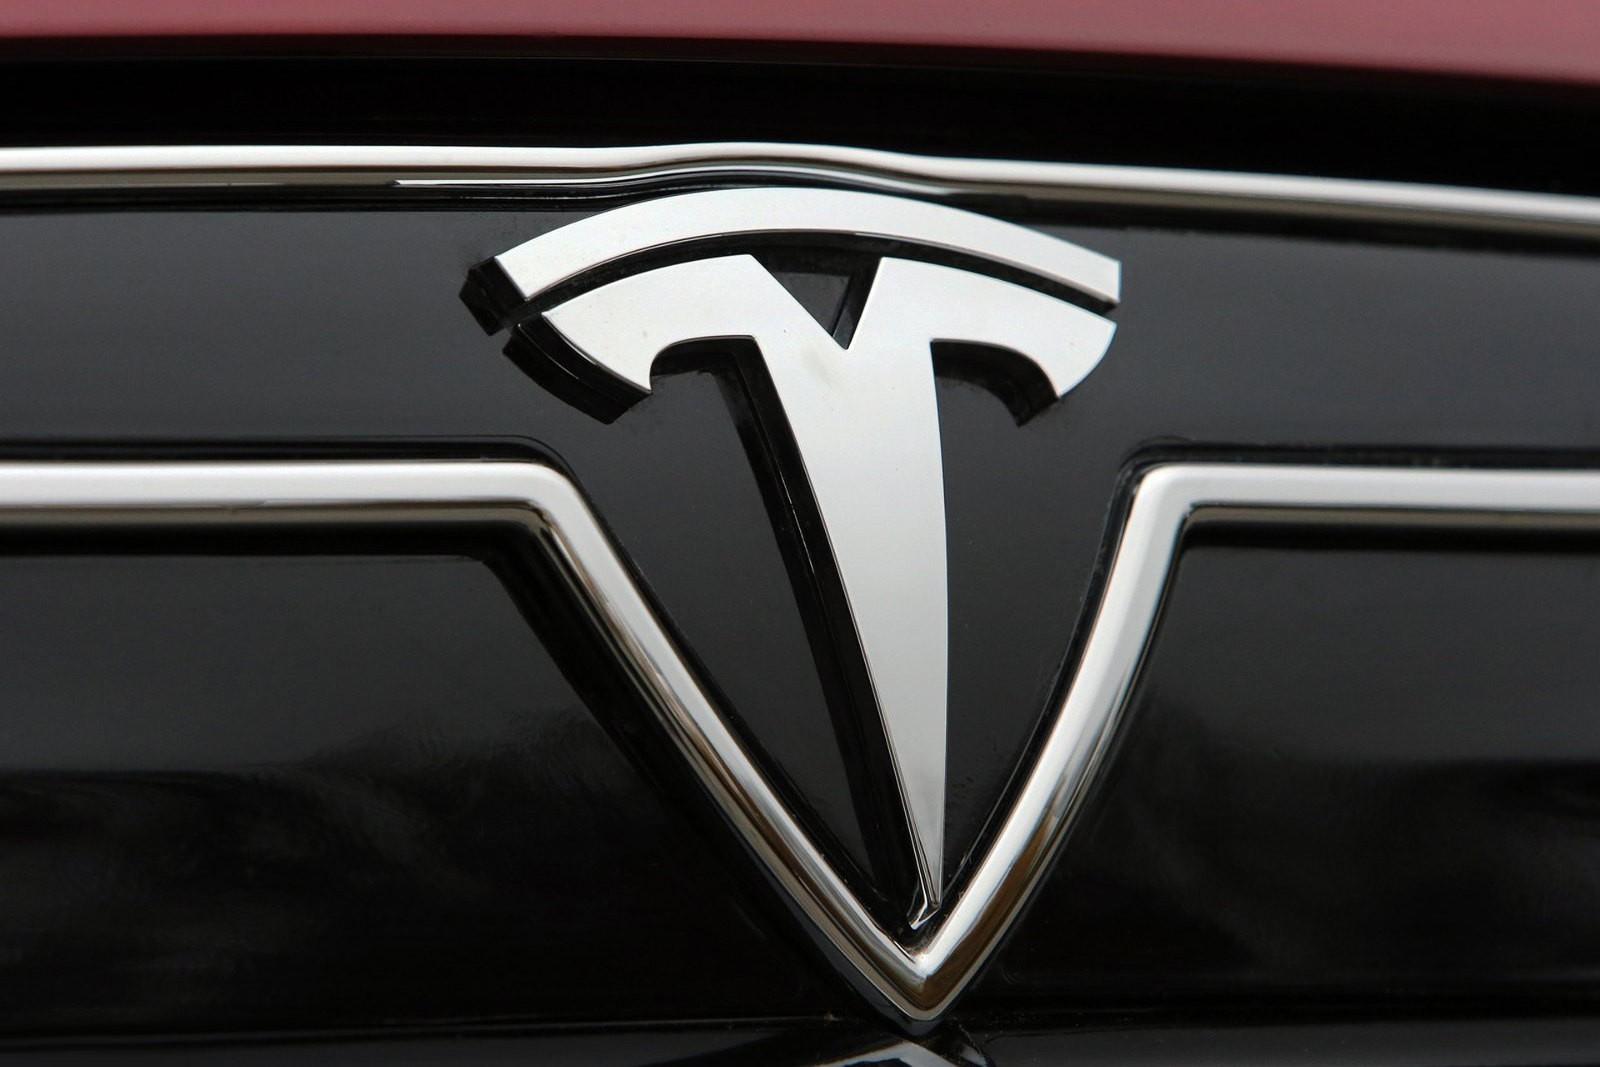 Облачные серверы компании Tesla использовались для майнинга криптовалюты